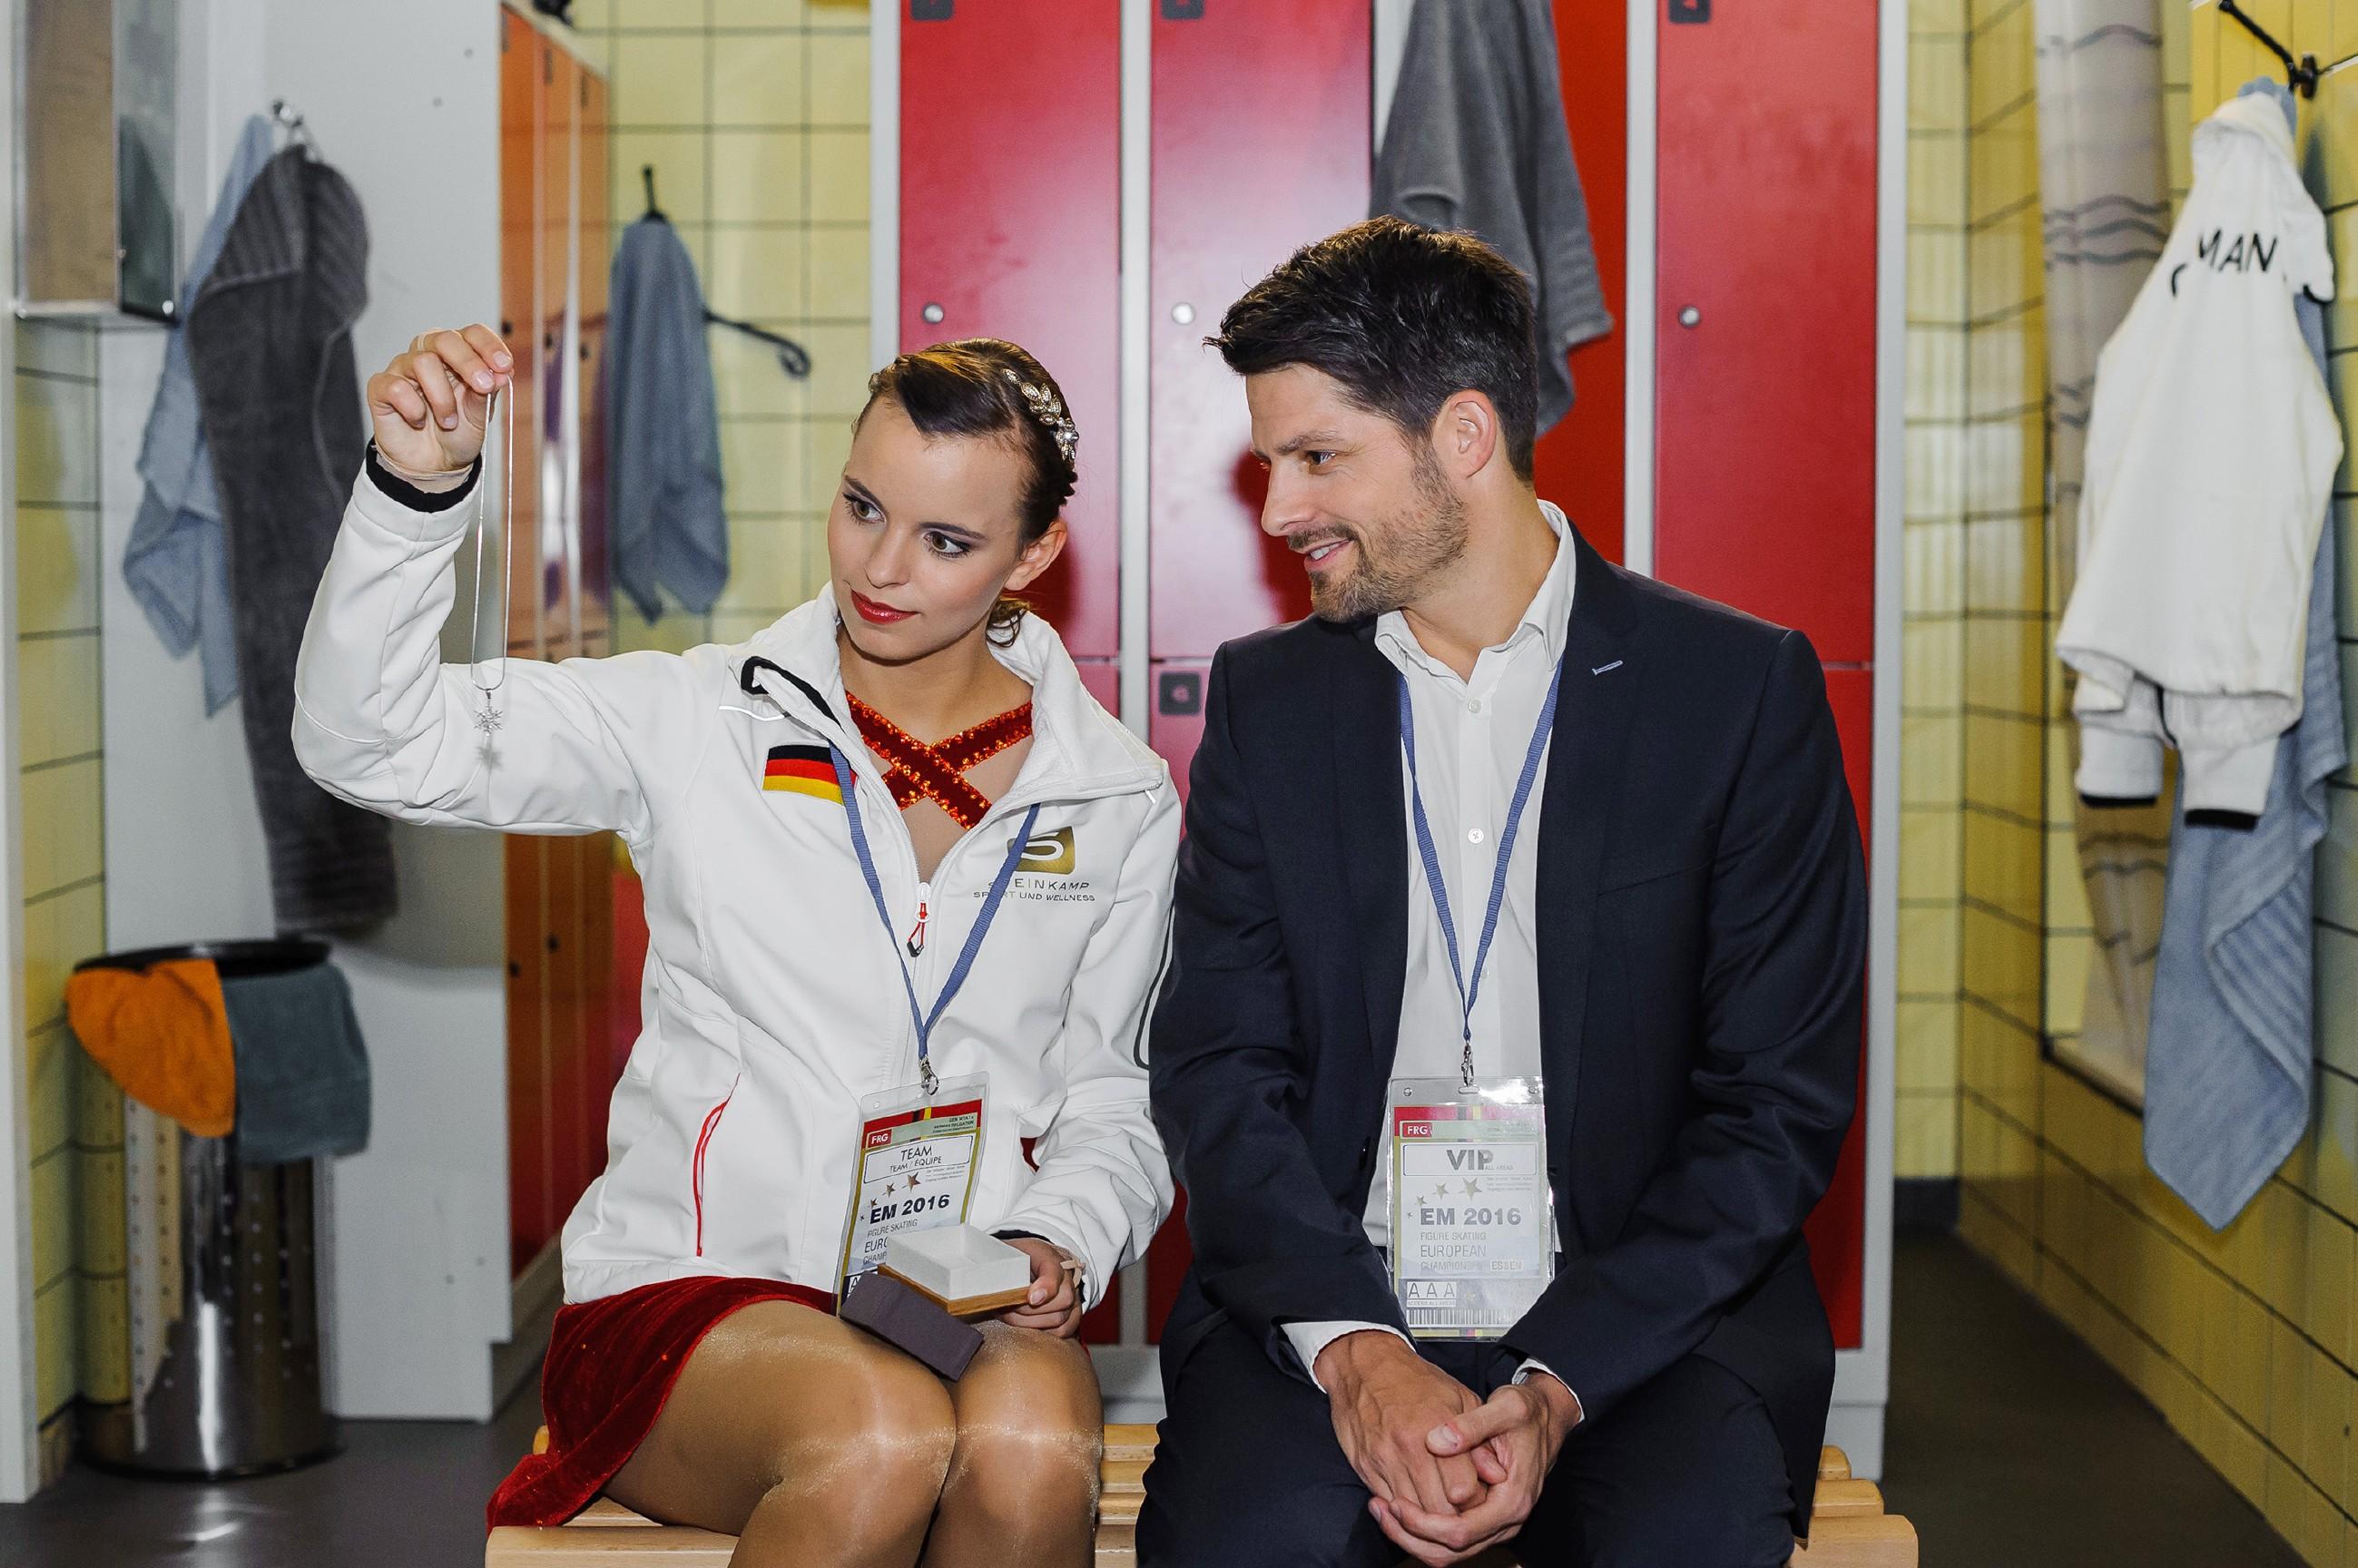 Vincent (Daniel Buder) überrascht Michelle (Franziska Benz) mit einem Geschenk und macht ihr Mut für die EM. (Quelle: RTL / Julia Feldhagen)